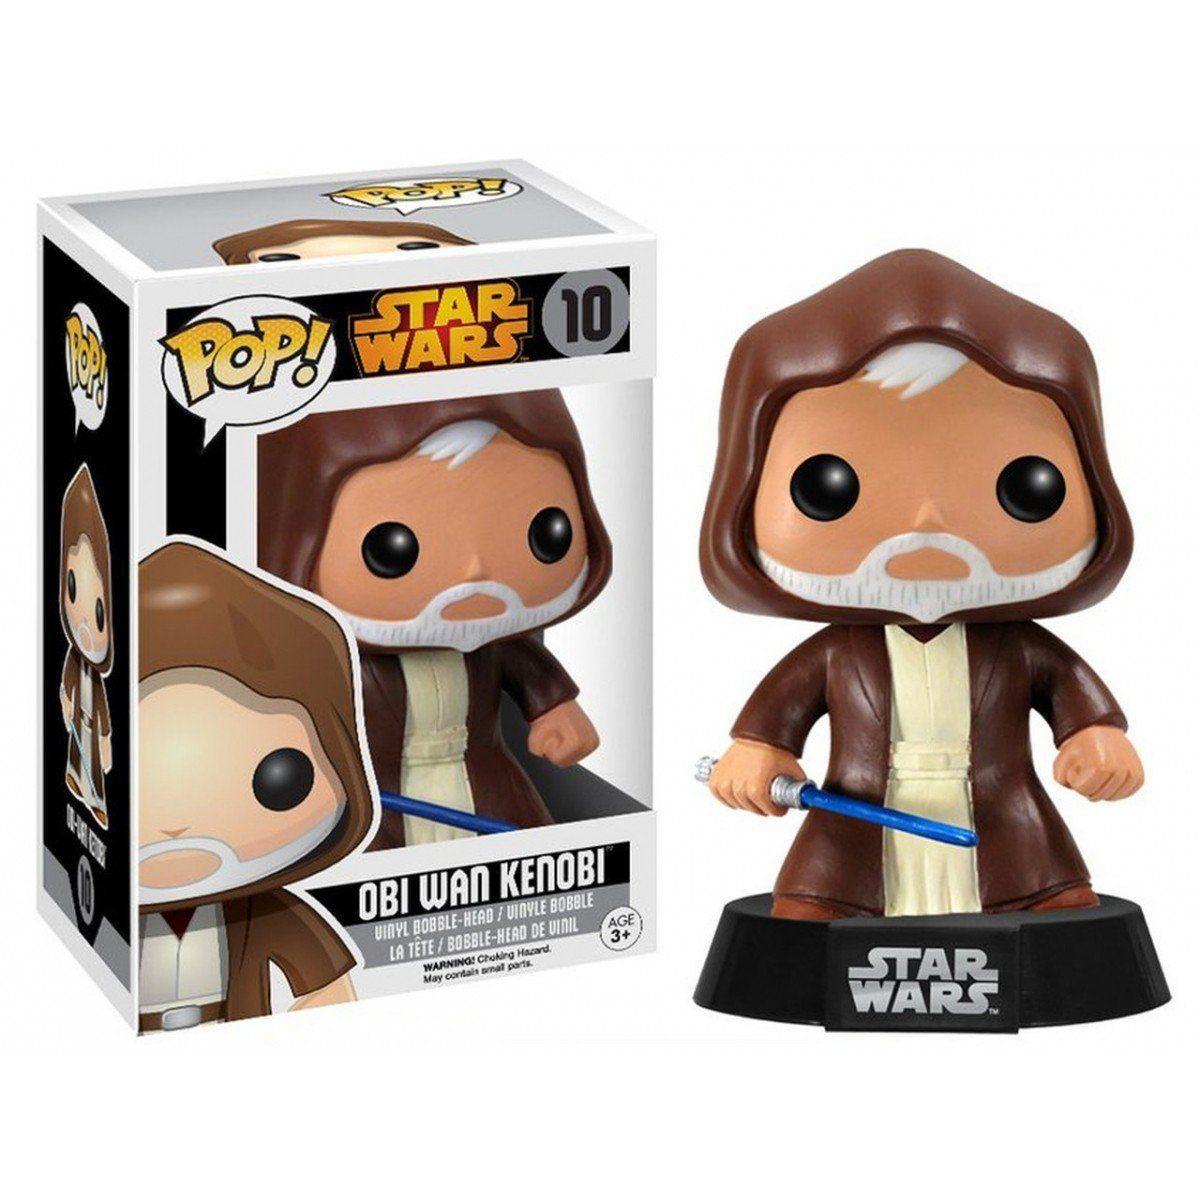 Funko Pop Obi-Wan Kenobi: Star Wars #10 - Funko